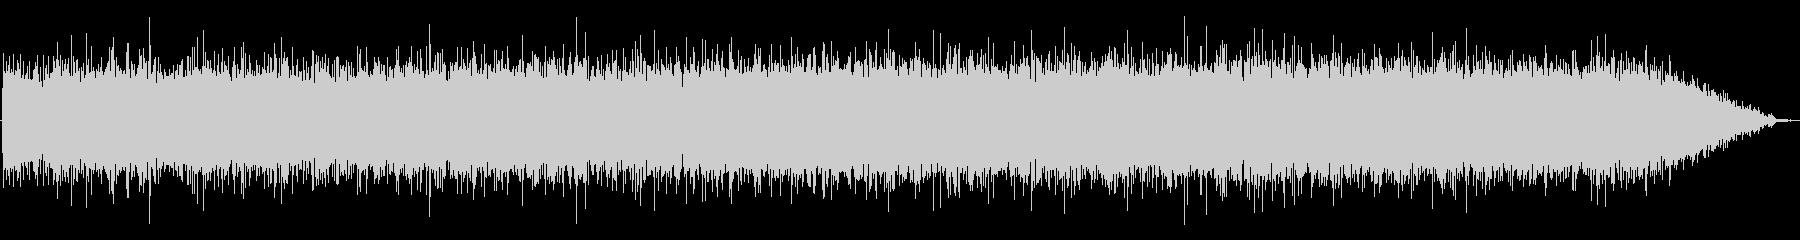 イメージ バブリングウォーター01の未再生の波形